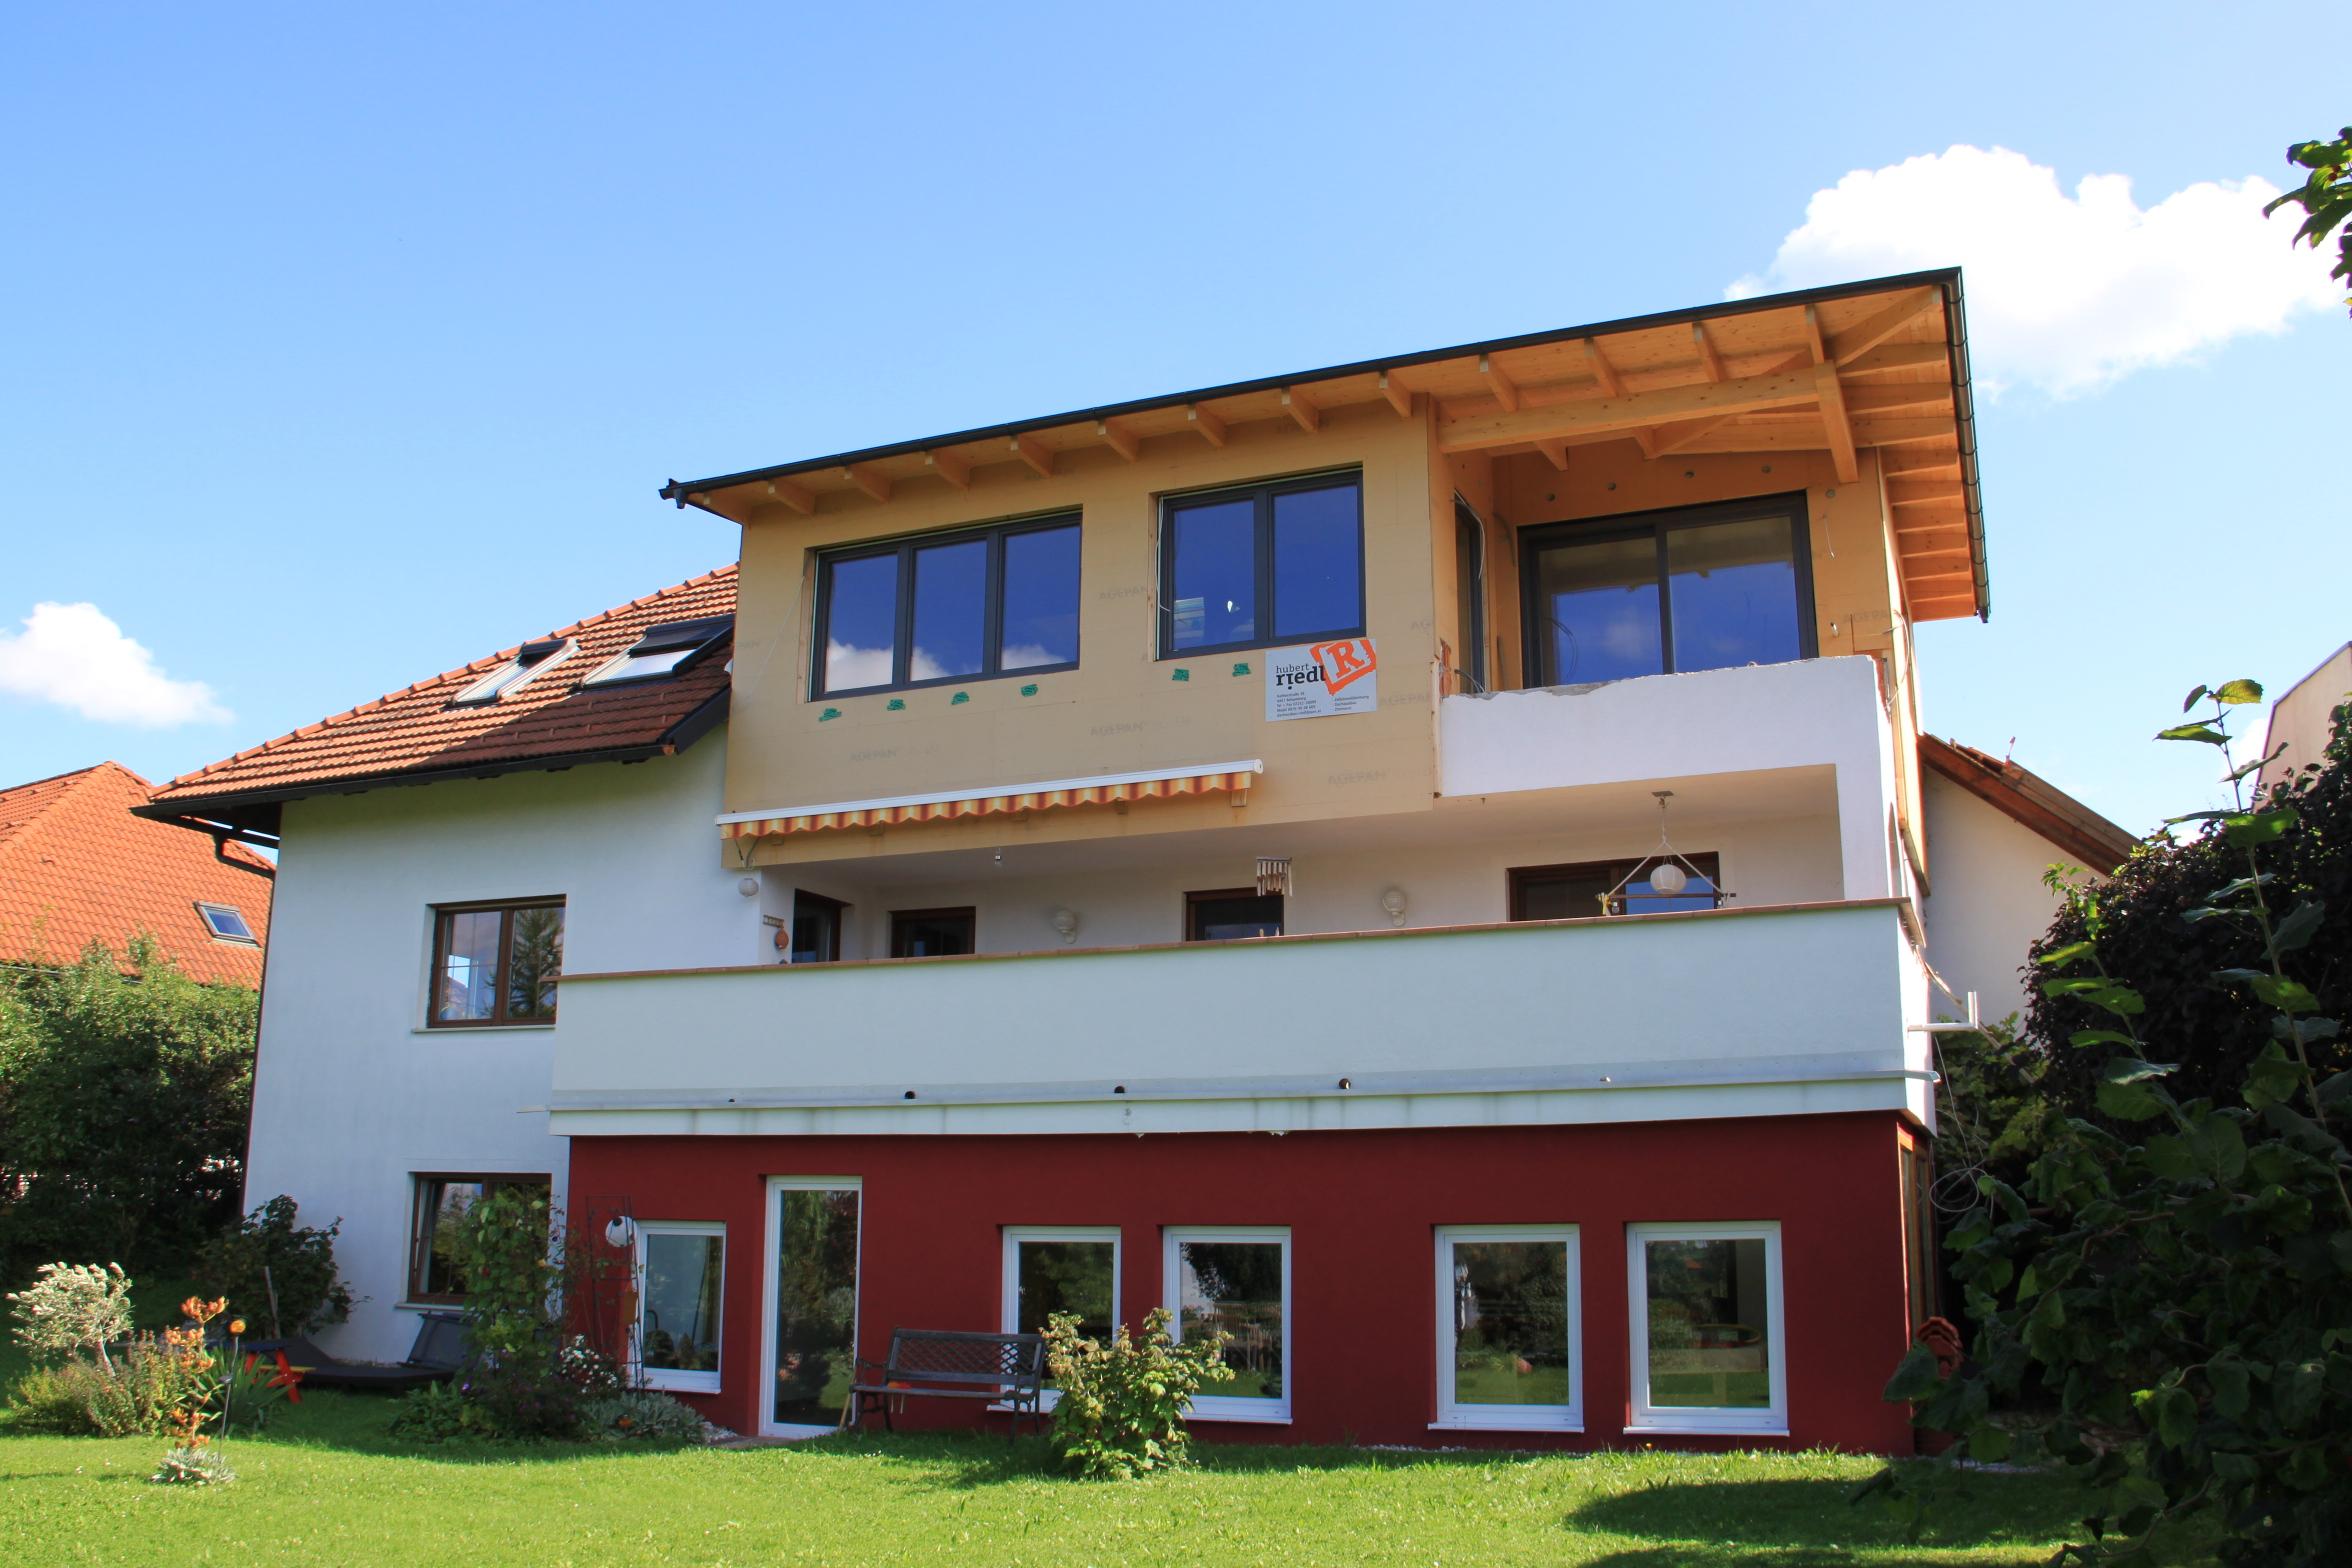 http://www.der-bauberater.at/wp-content/uploads/2017/10/Dachgeschossausbau_06.jpg